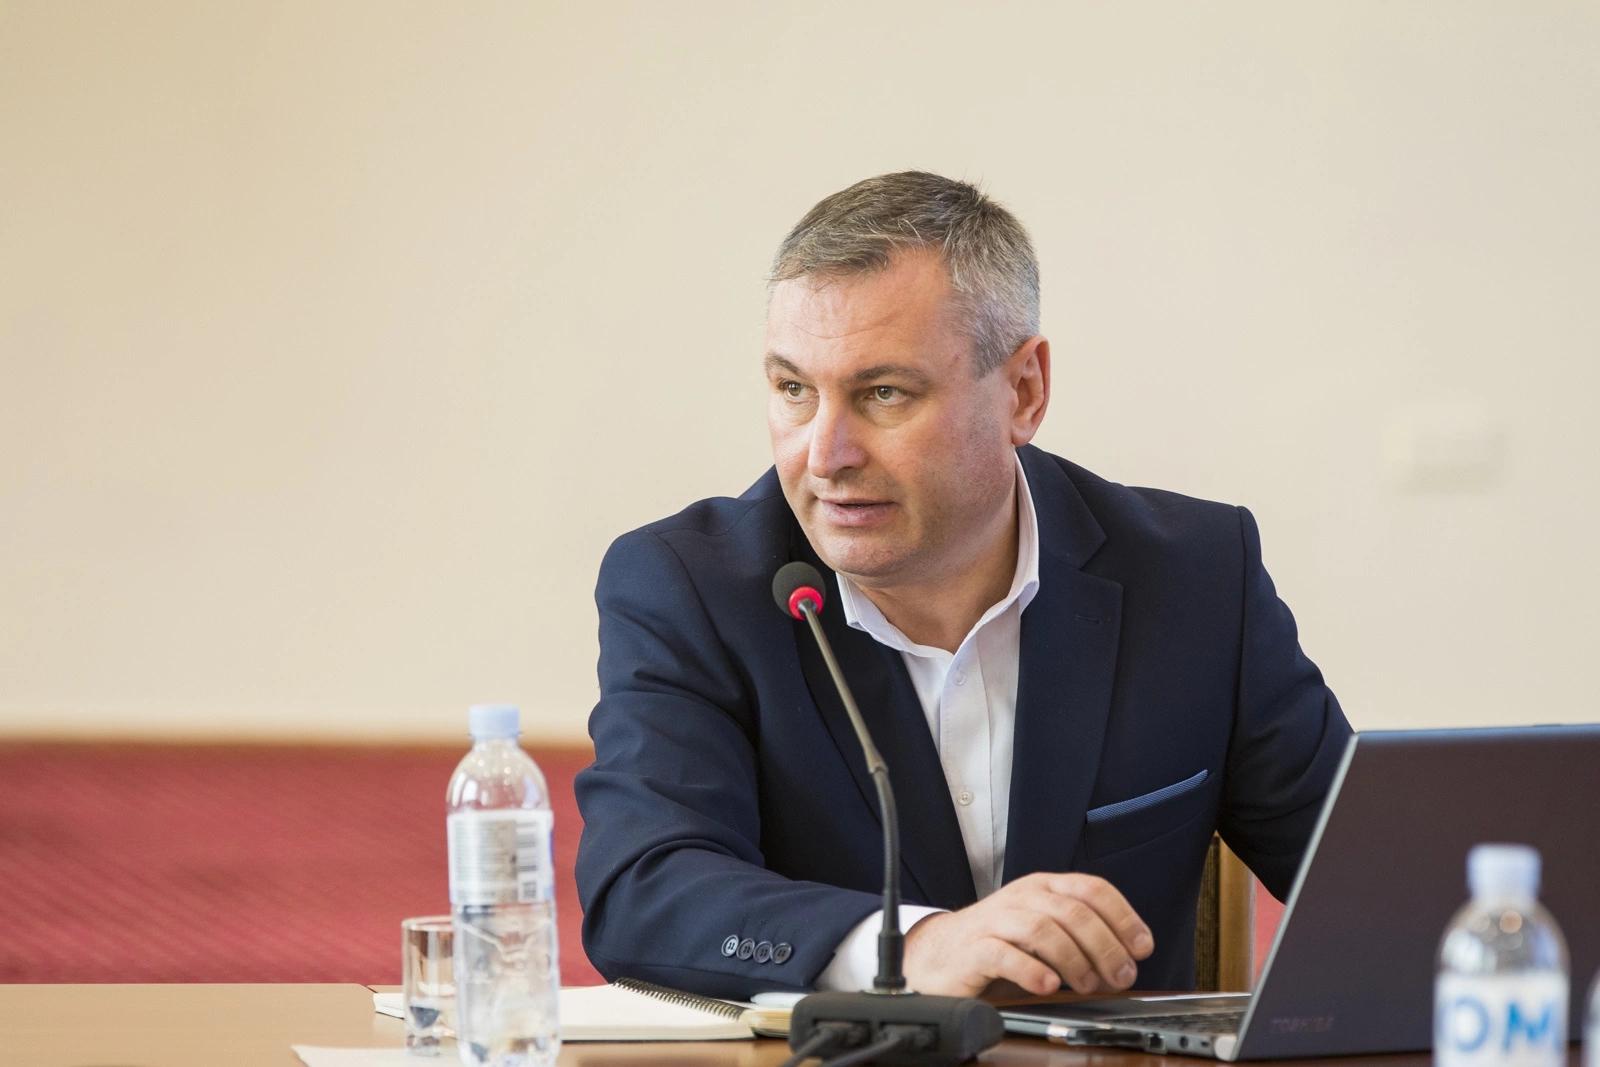 Nicolae Furtună, director al Agenției Naționale pentru Sănătate Publică (ANSP)